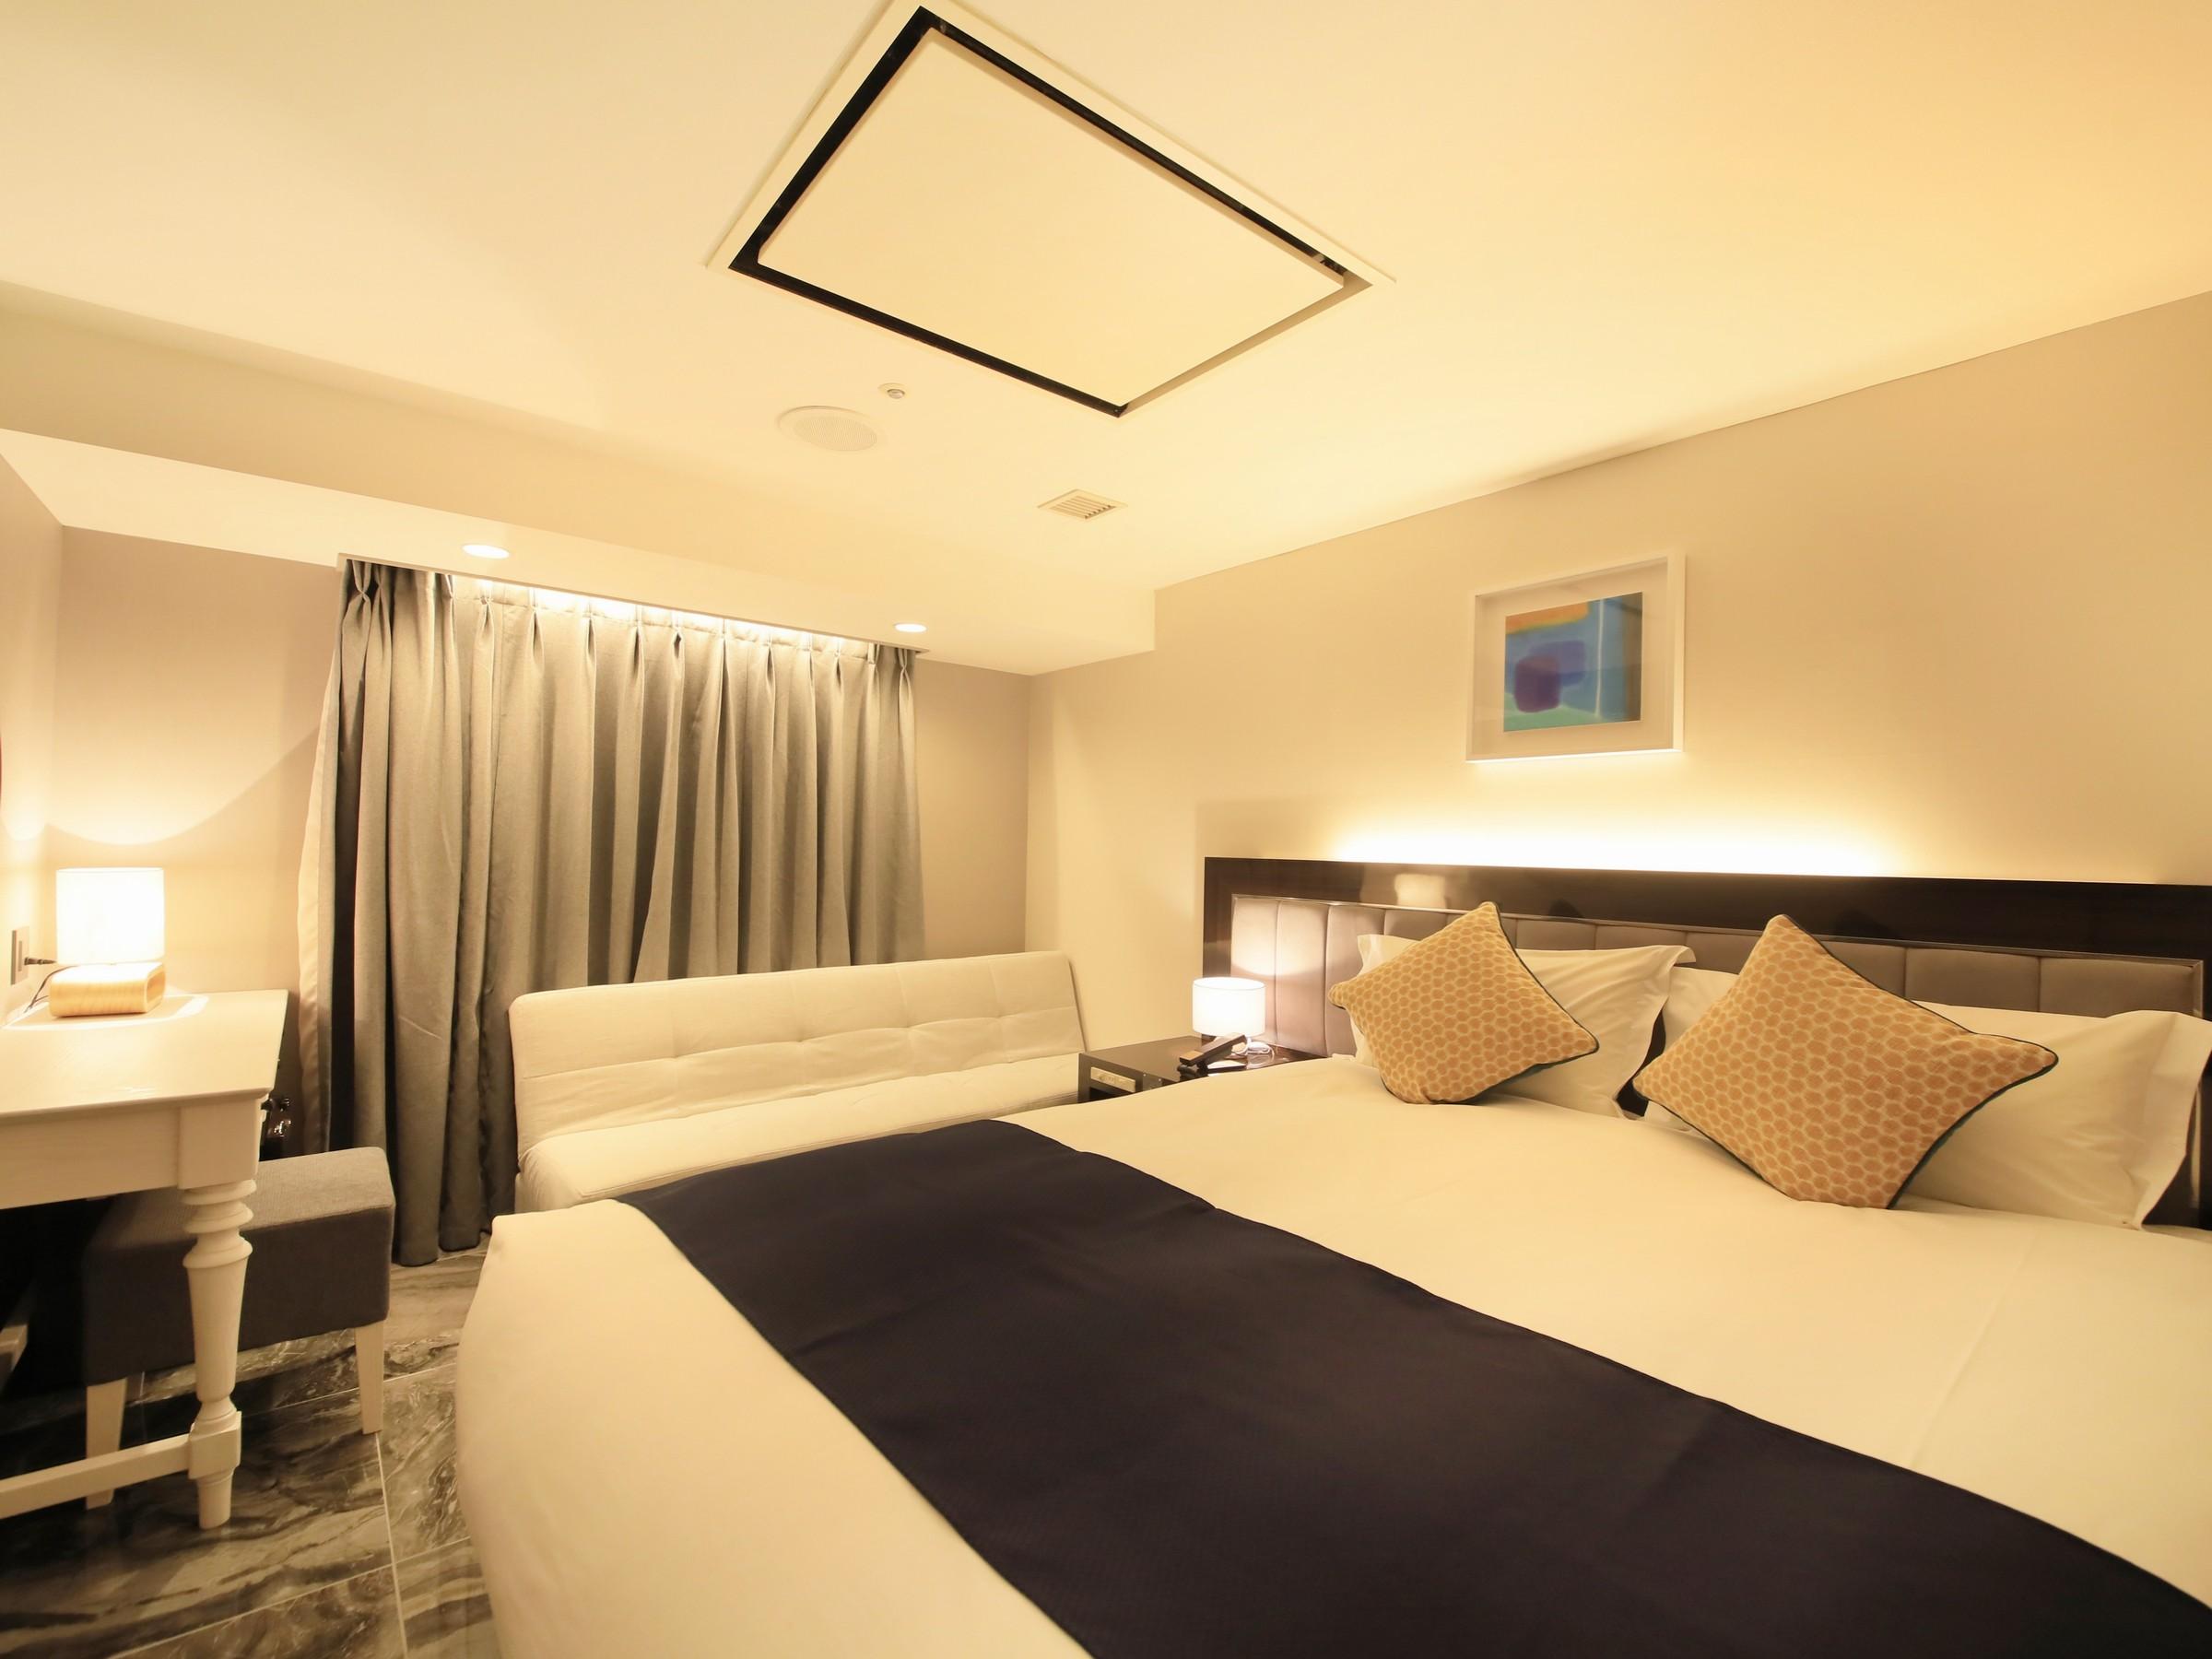 センチュリオンホテル札幌 / ◆全室禁煙◆スーペリアクイーン《1-3名様》